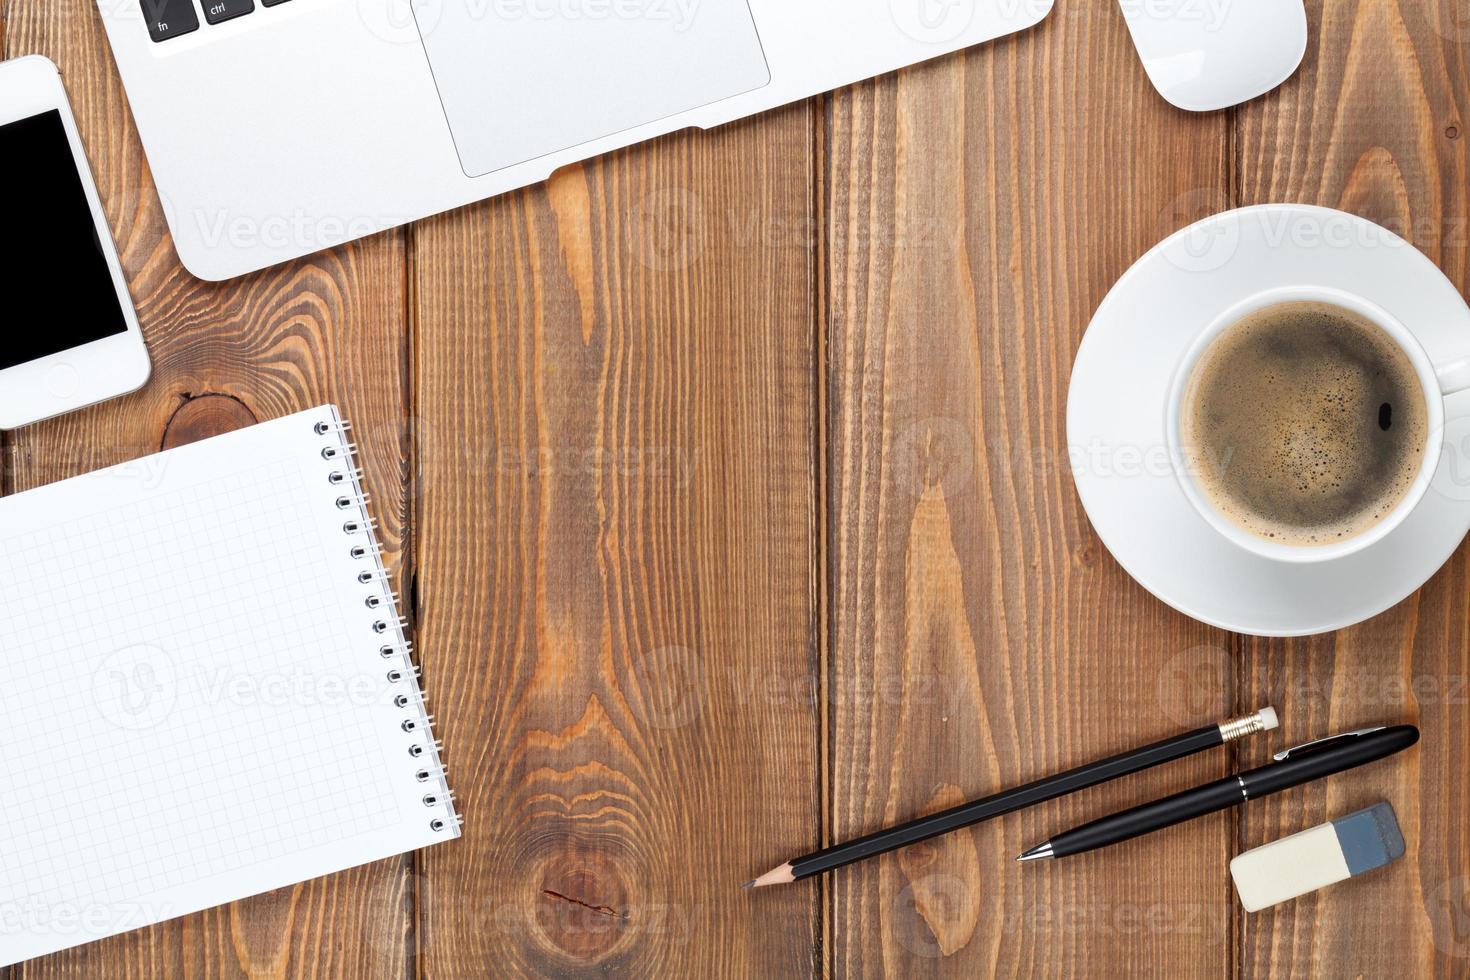 uma mesa de escritório com um computador, suprimentos e uma xícara de café foto